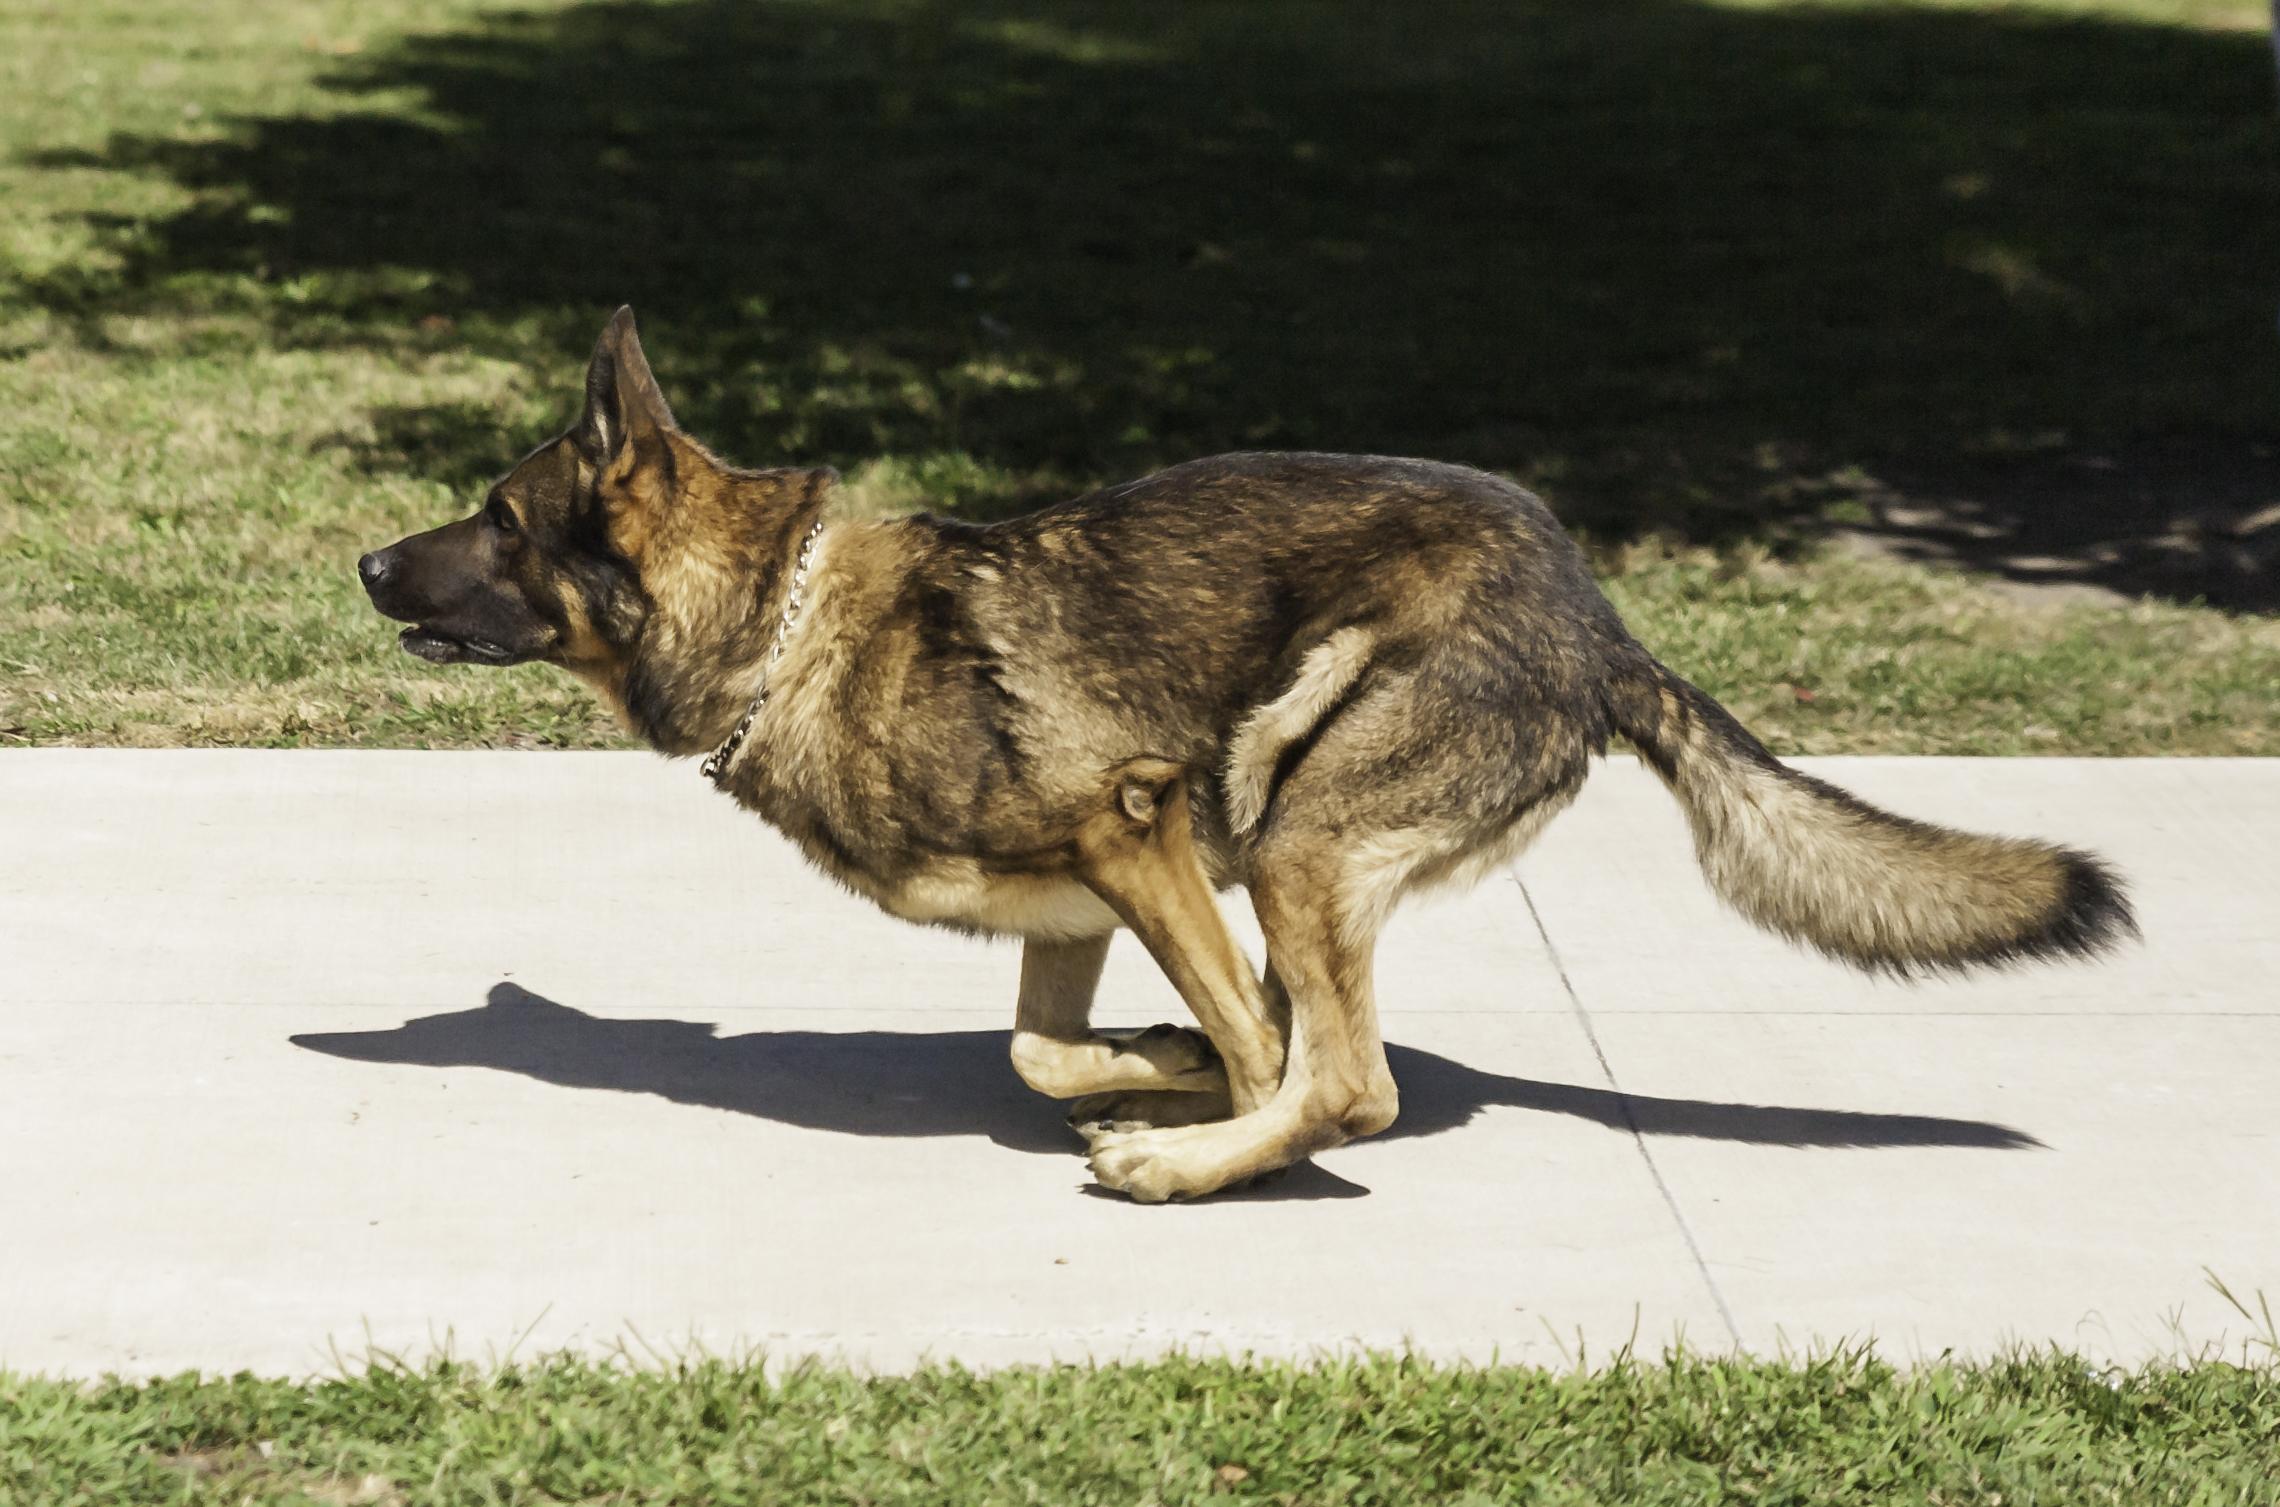 70 000 dolláros vérdíjat tűzött ki a kartell Kolumbia legjobb drogkereső kutyájára